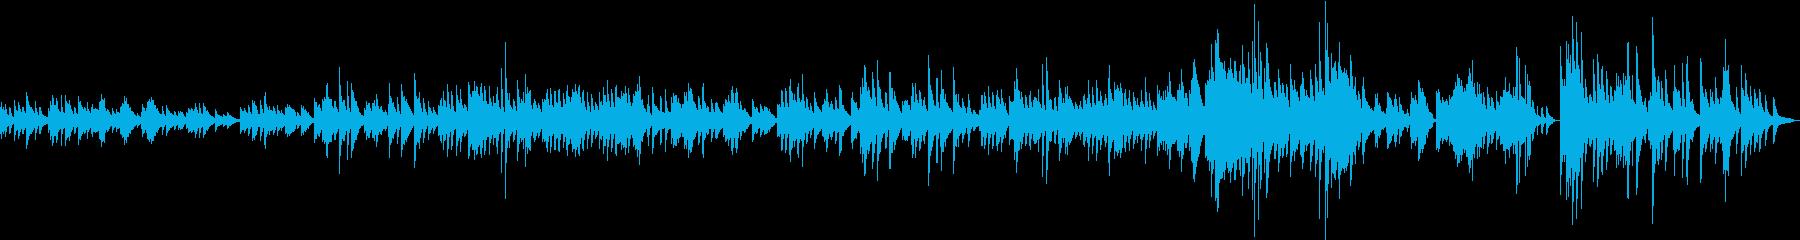 日本の夏をイメージしたゆったりした曲の再生済みの波形